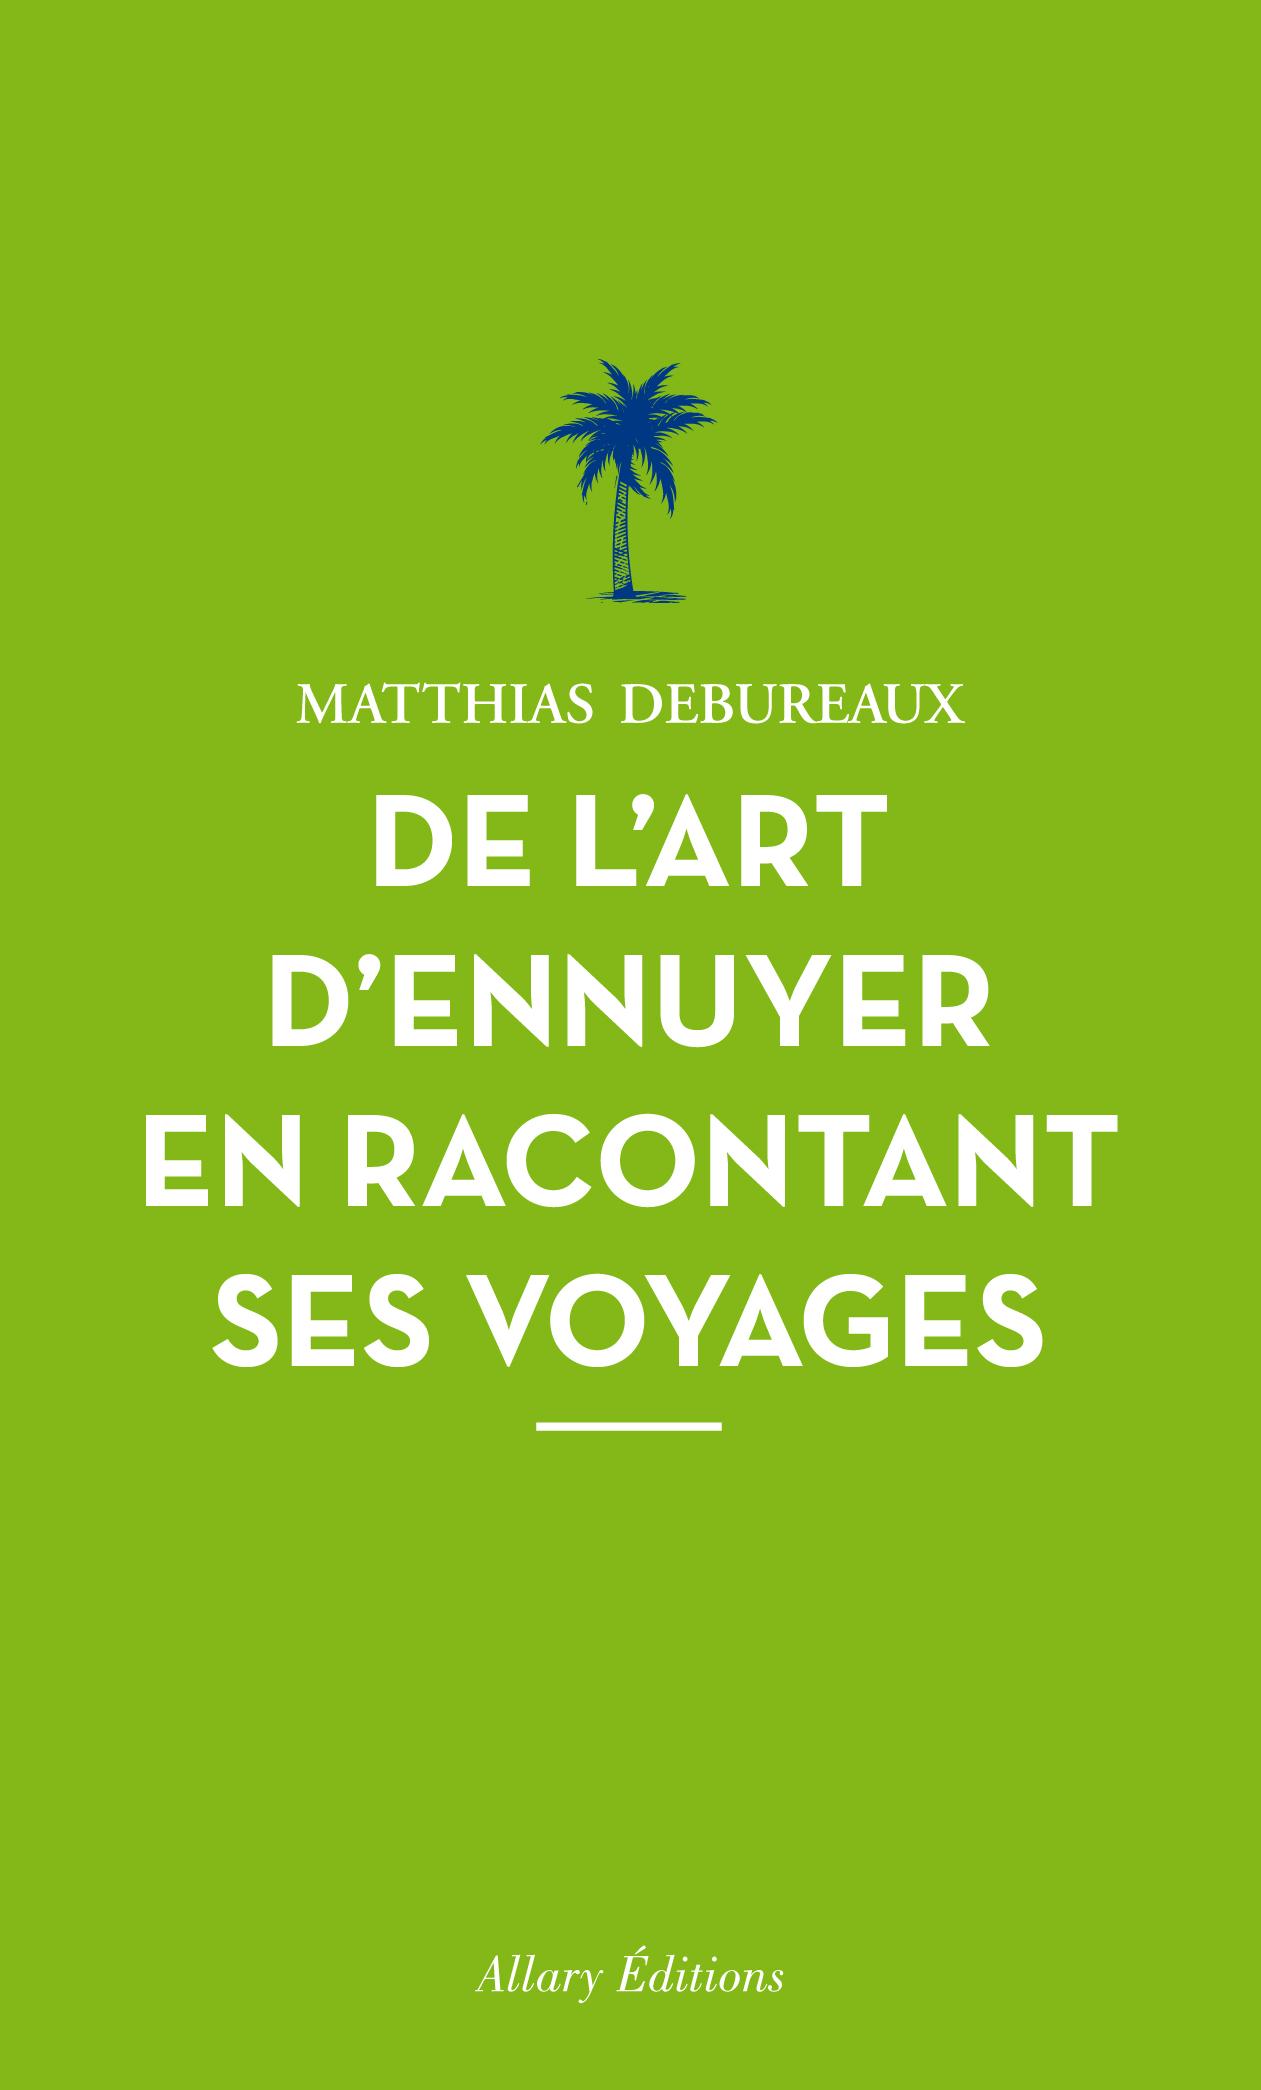 Lectures : De l'art d'ennuyer en racontant ses voyages par Matthias Debureaux